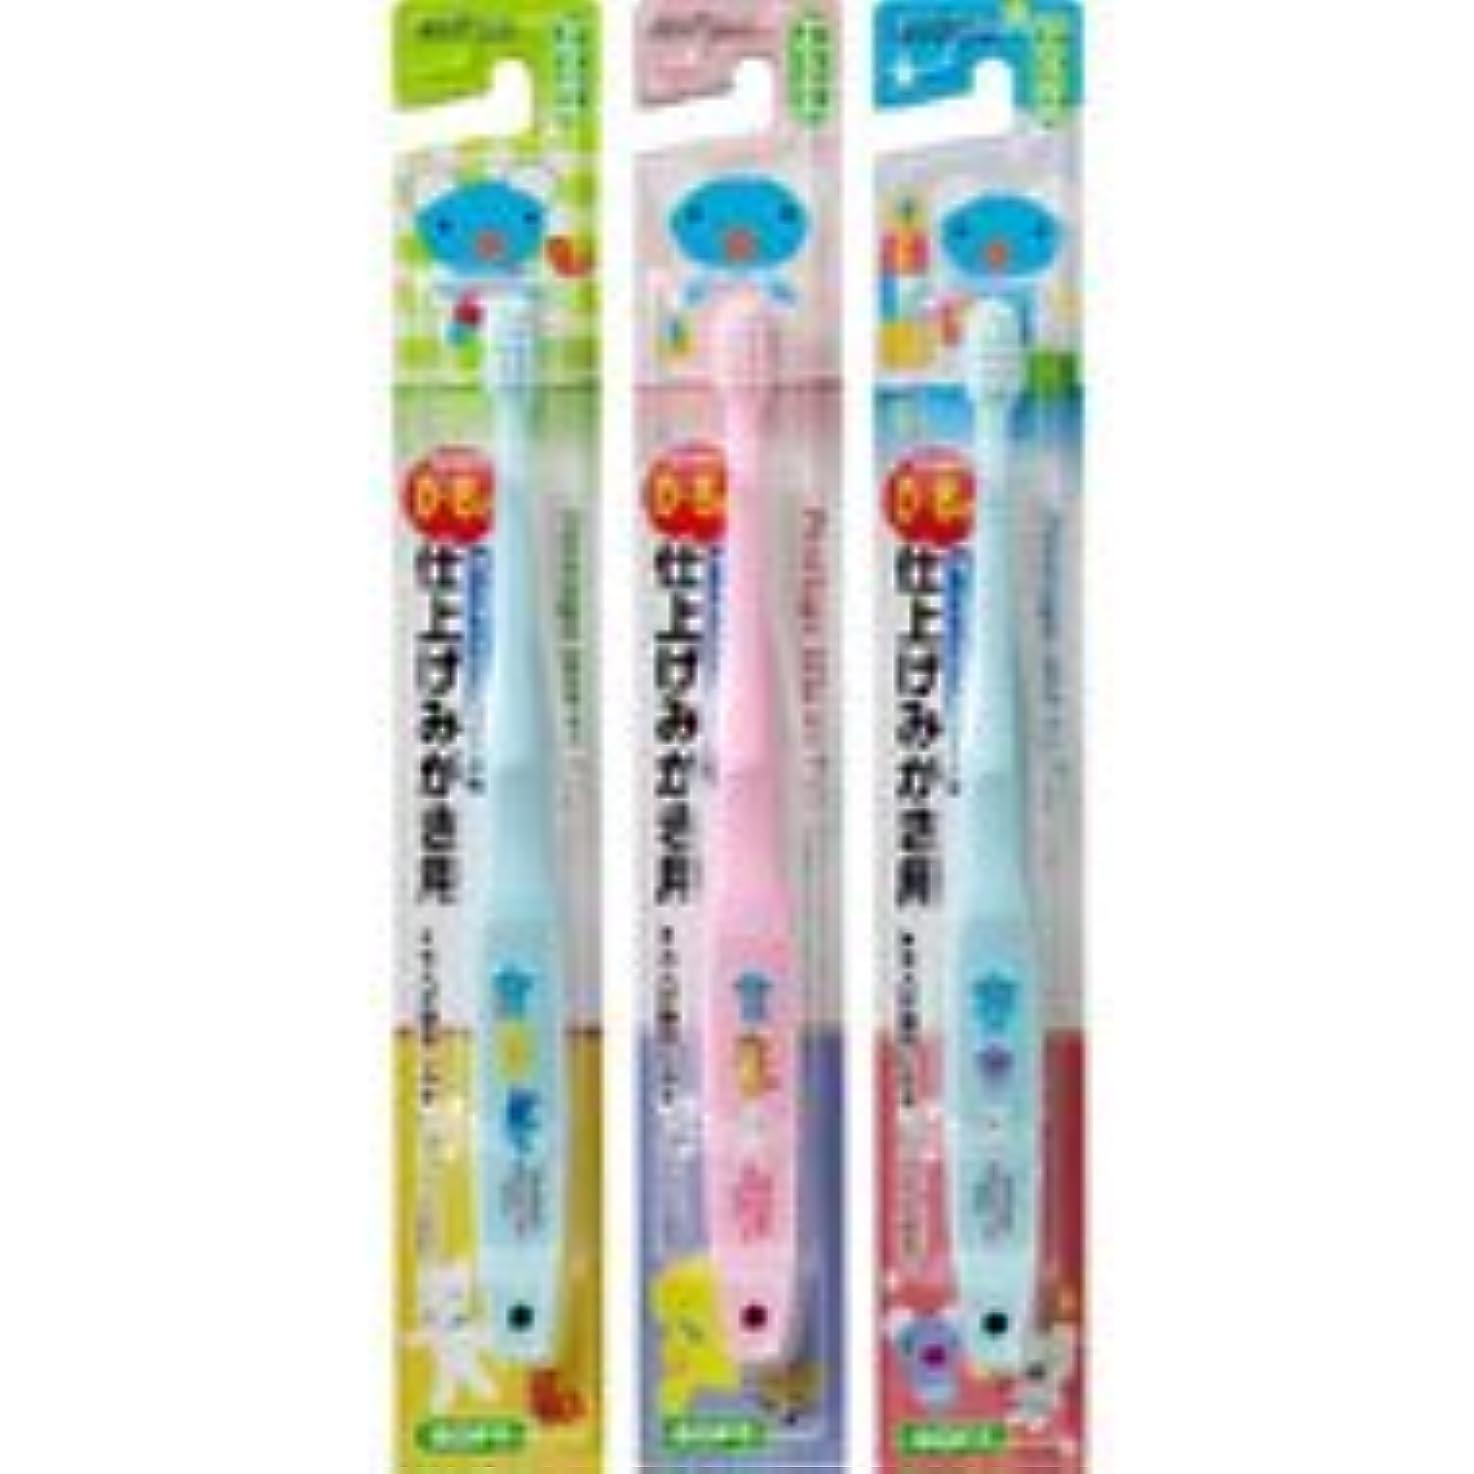 島分析認可ペネロペ仕上げ磨き用歯ブラシ 3本 ※種類は当店お任せとなります